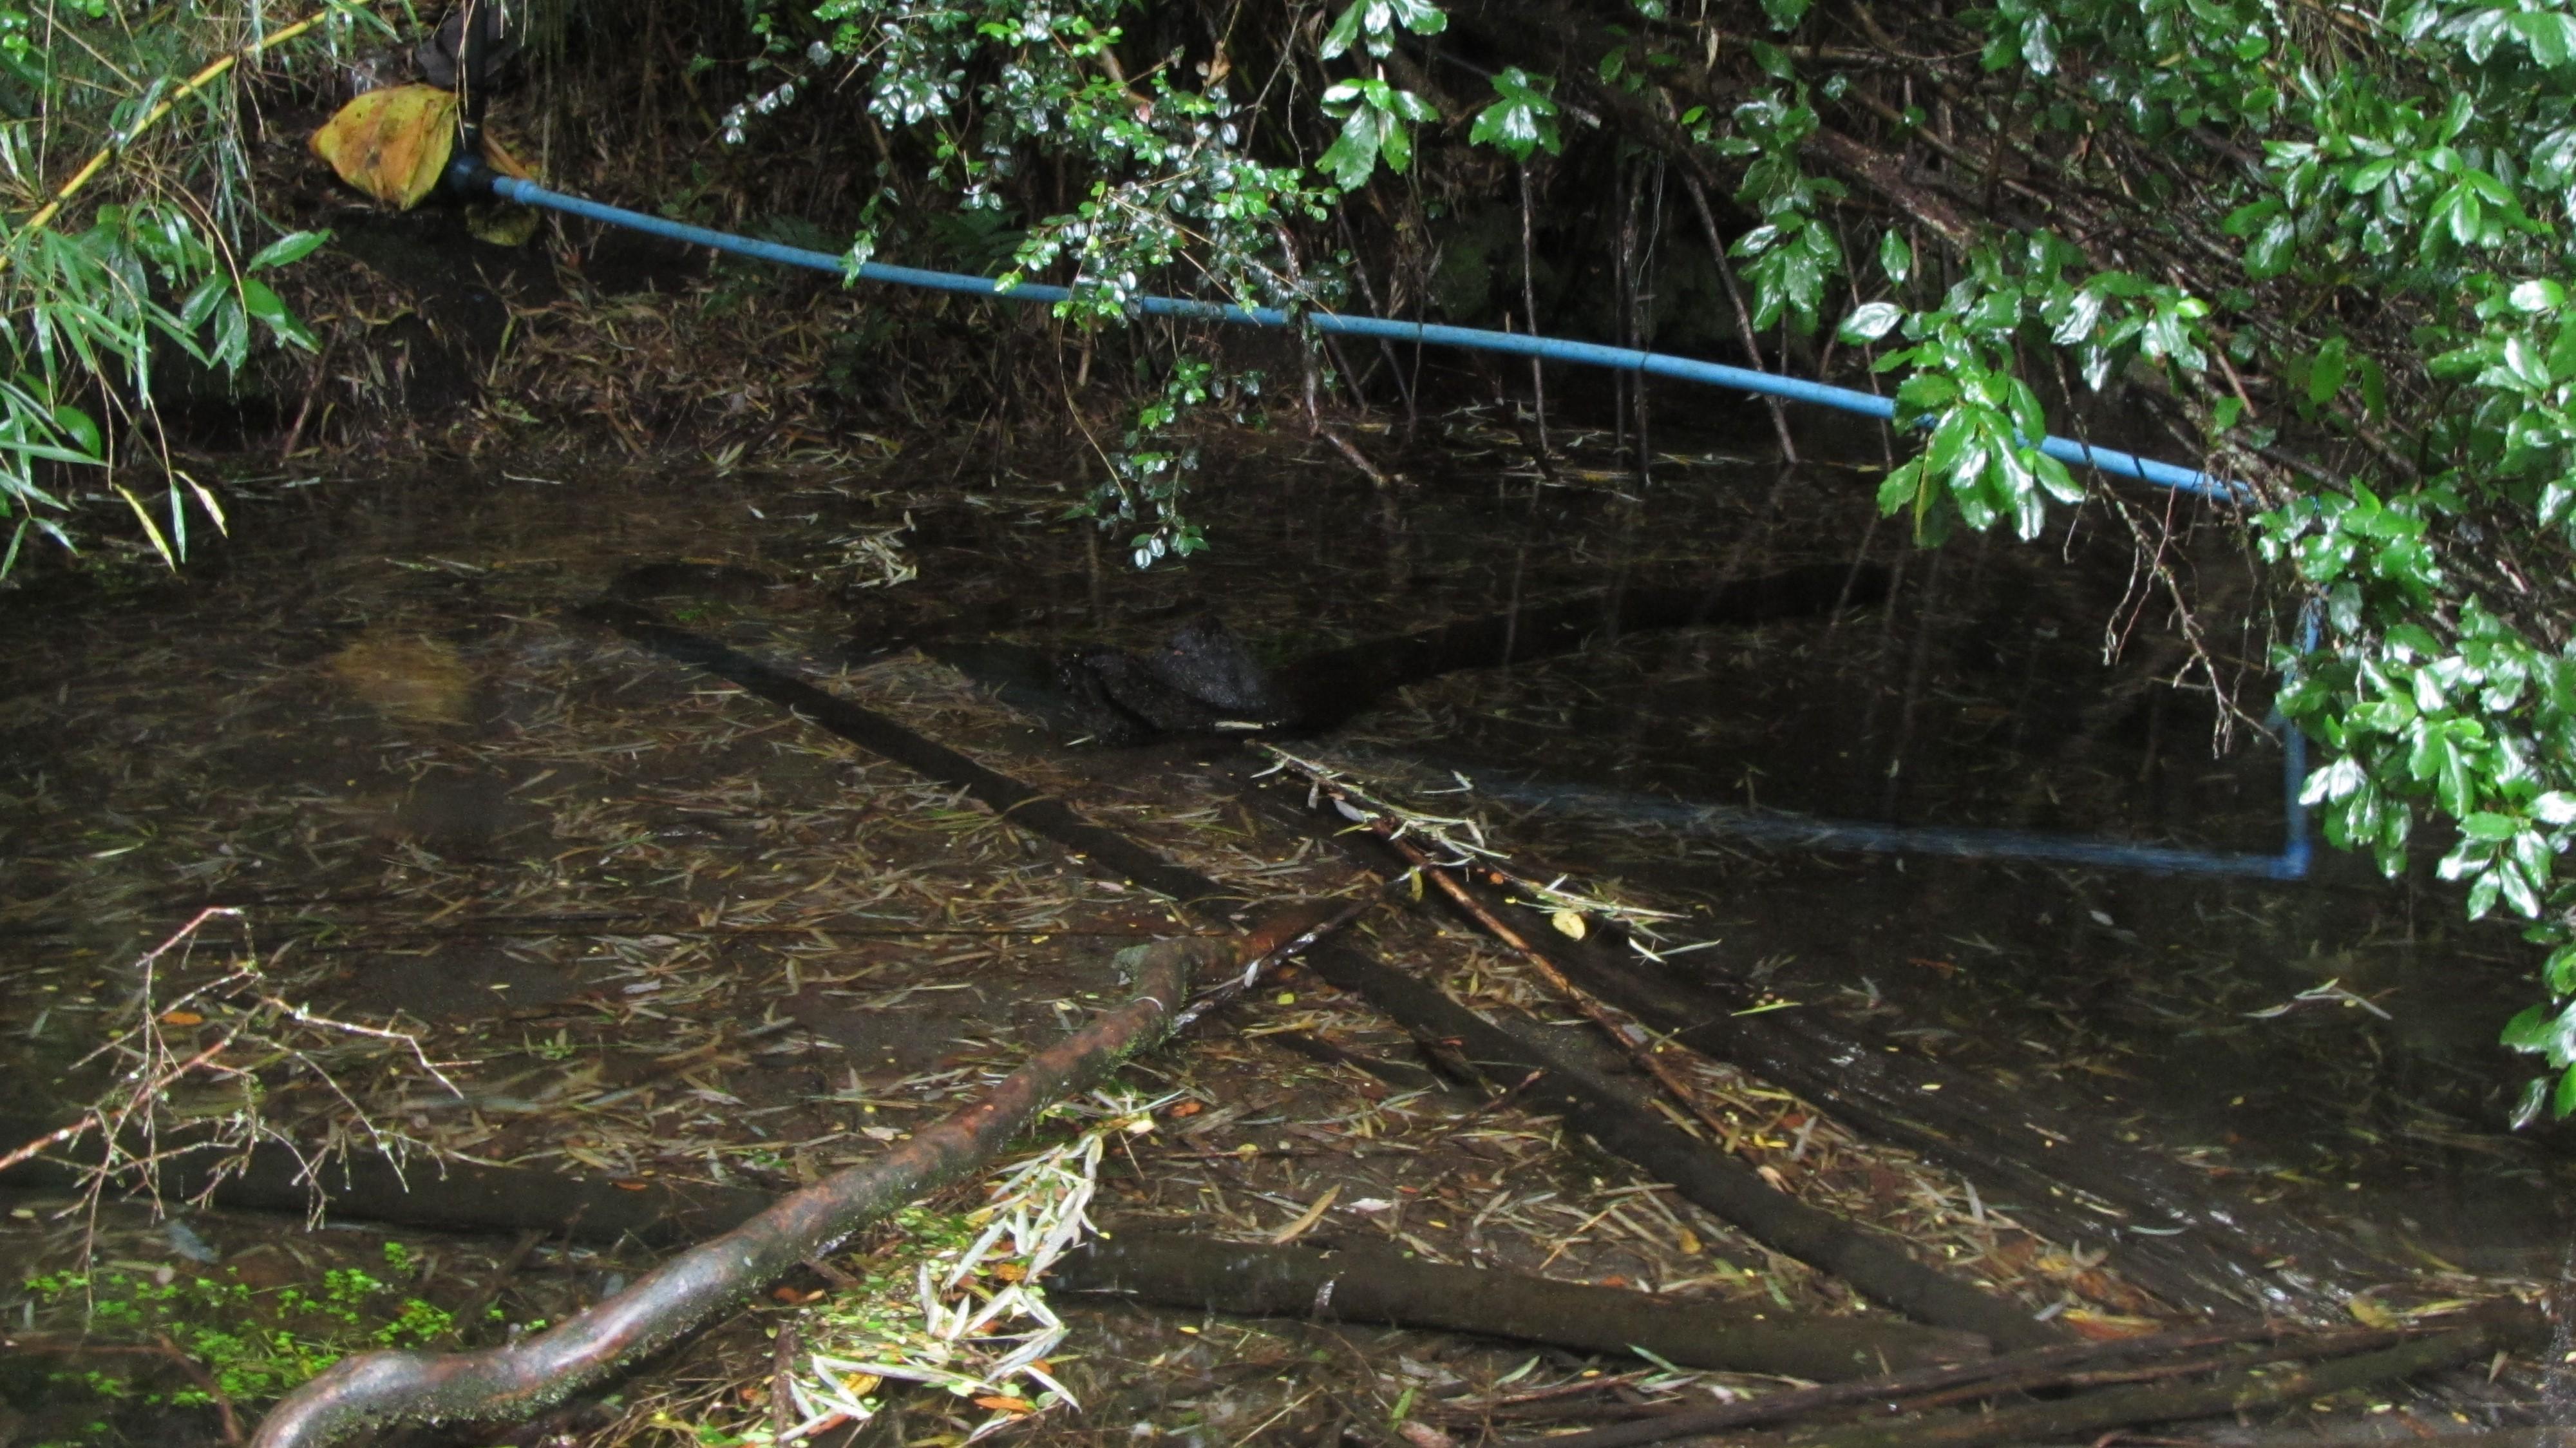 Bomba de agua que abastece a parte de la comunidad Mariano Millahual